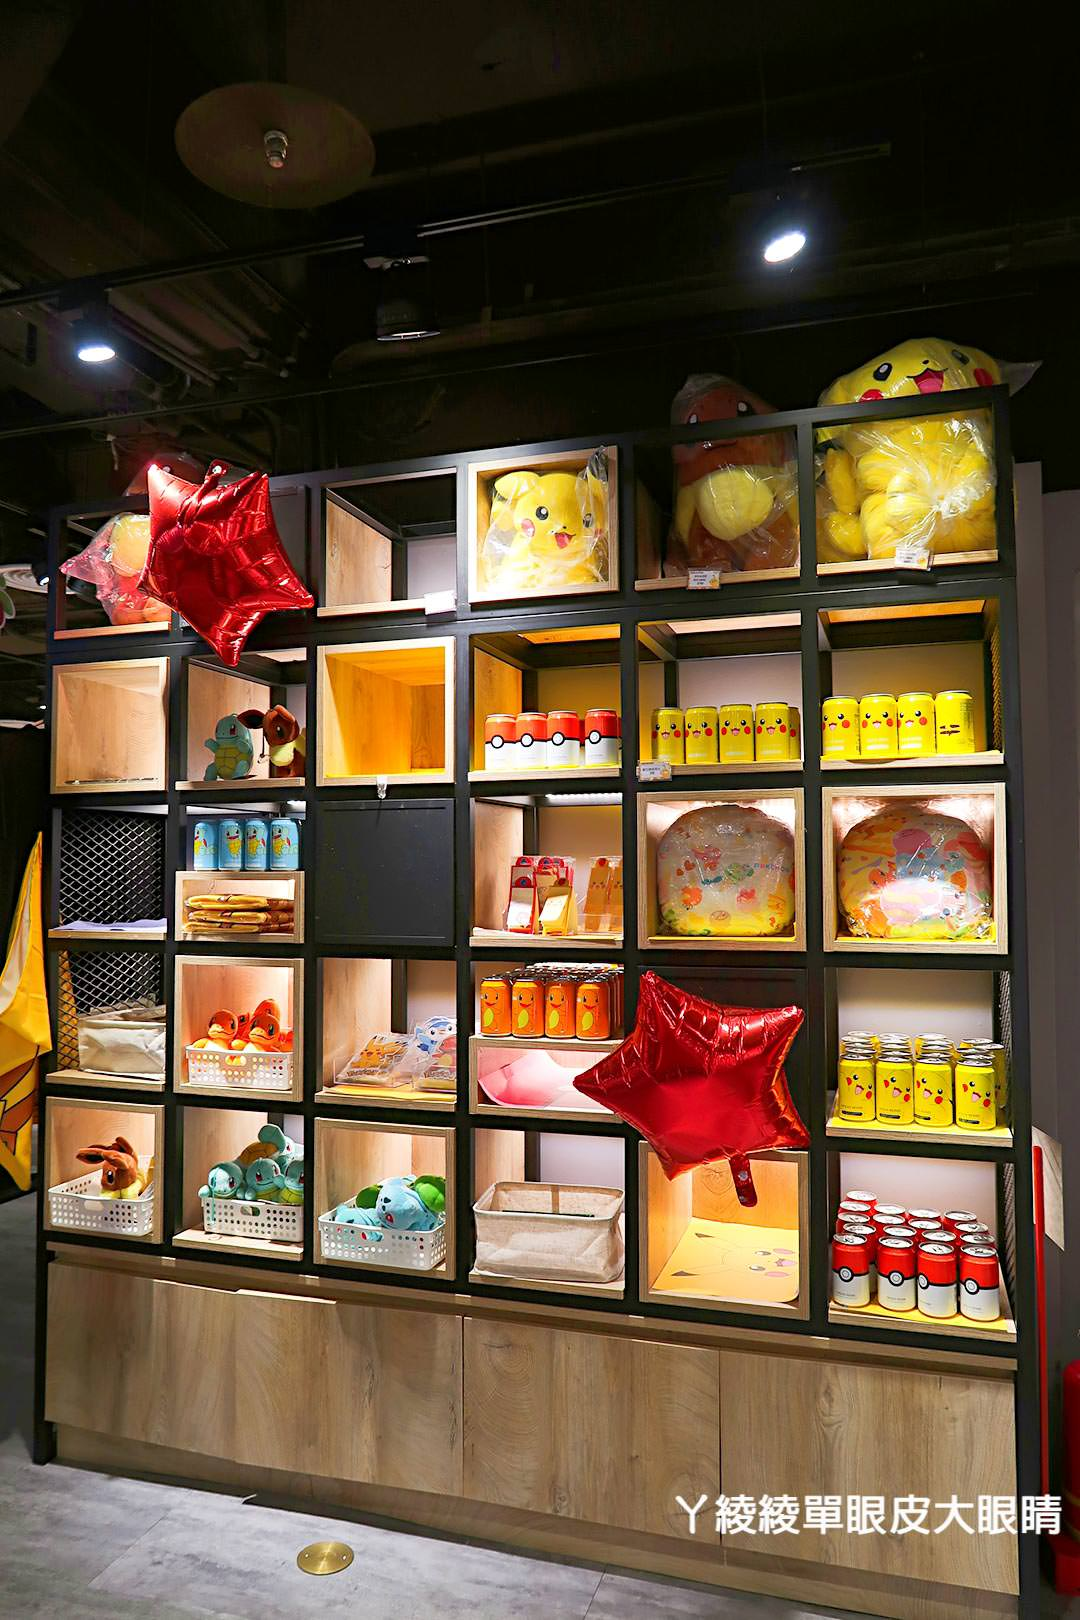 寶可夢期間限定餐廳 X 頑食誠品武昌店!到神奇寶貝主題餐廳找超萌皮卡丘